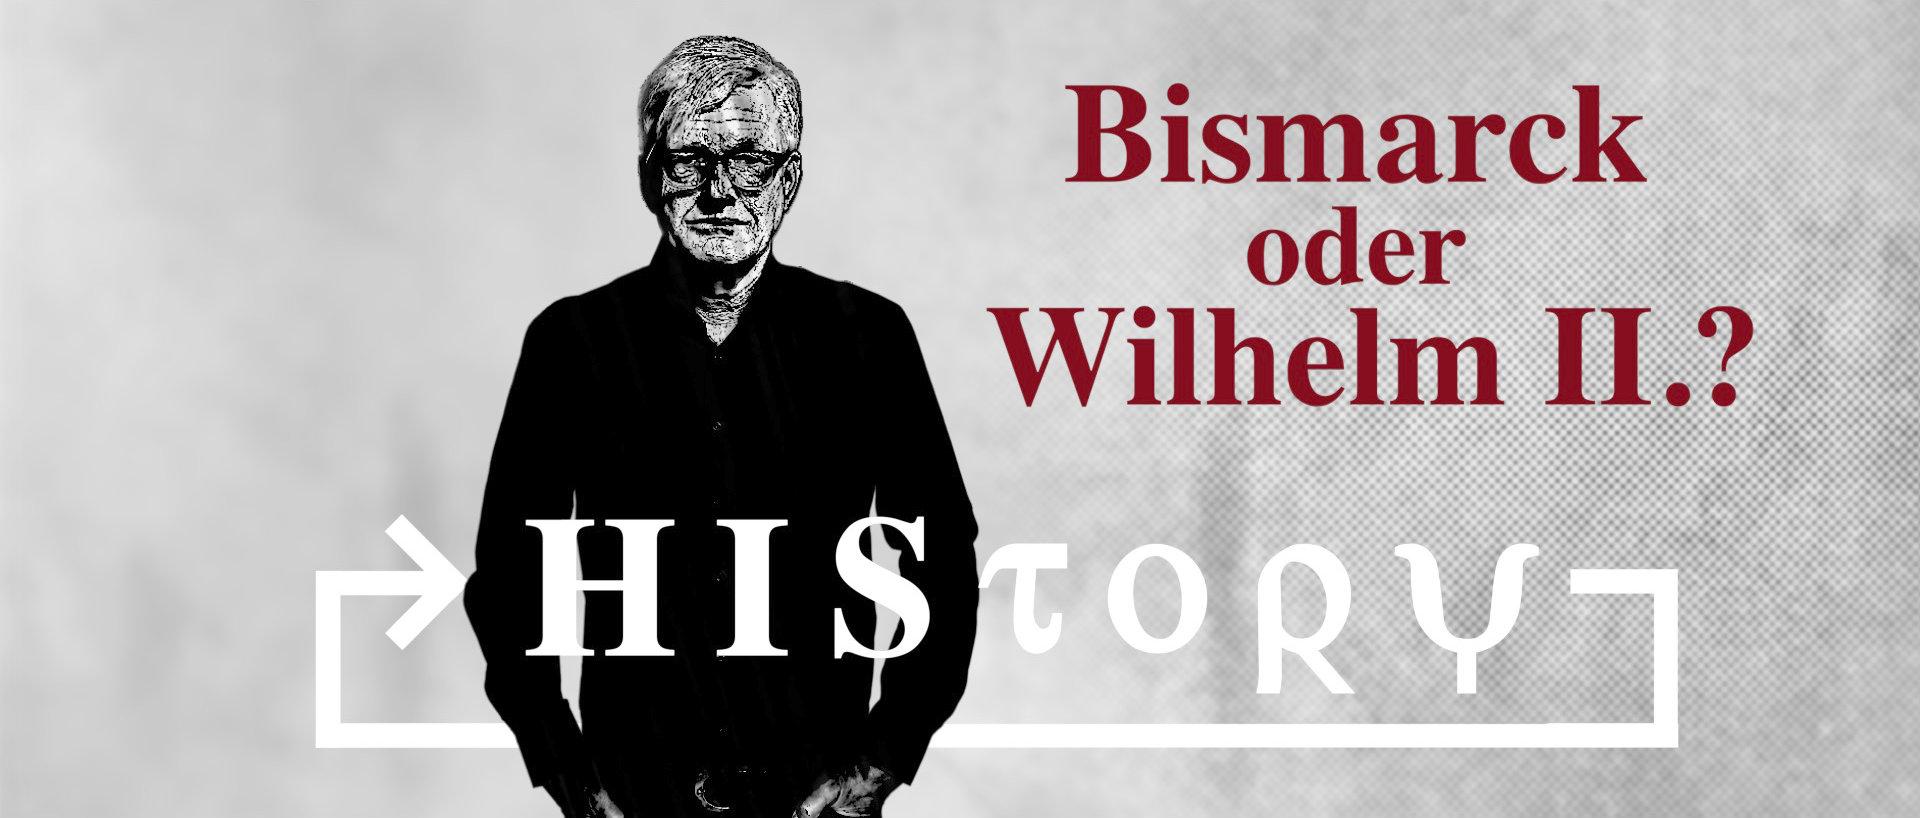 history:-bismarck-oder-wilhelm-ii-–-wer-hat-schuld-am-niedergang-deutschlands?- -kenfm.de